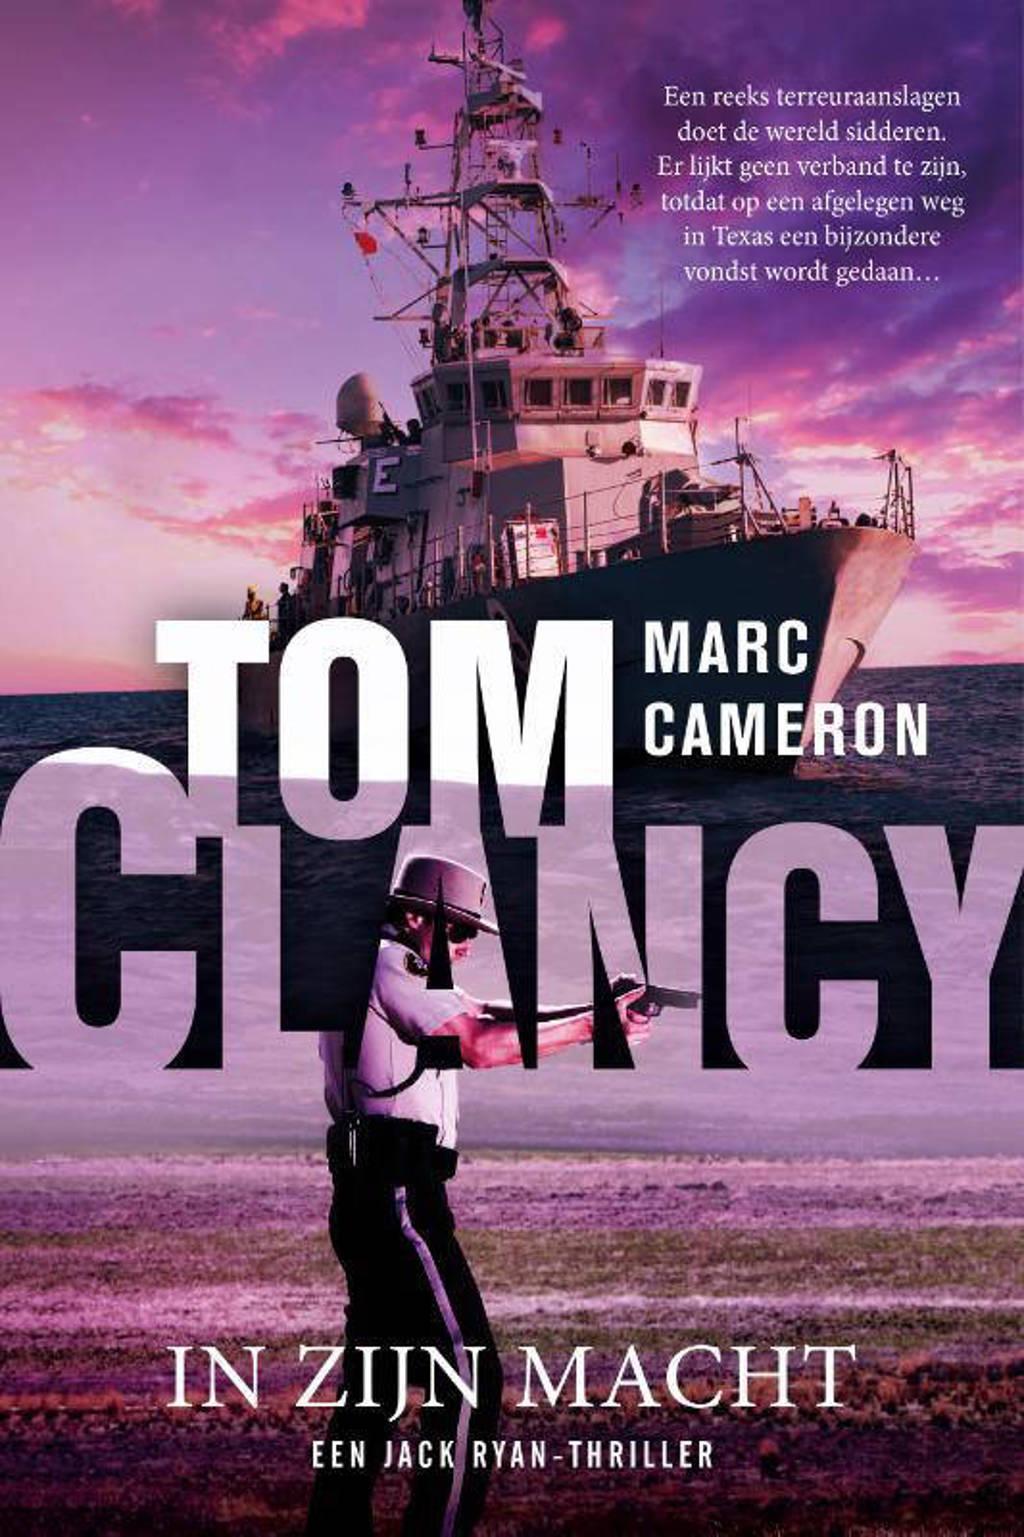 Jack Ryan: Tom Clancy In zijn macht - Marc Cameron